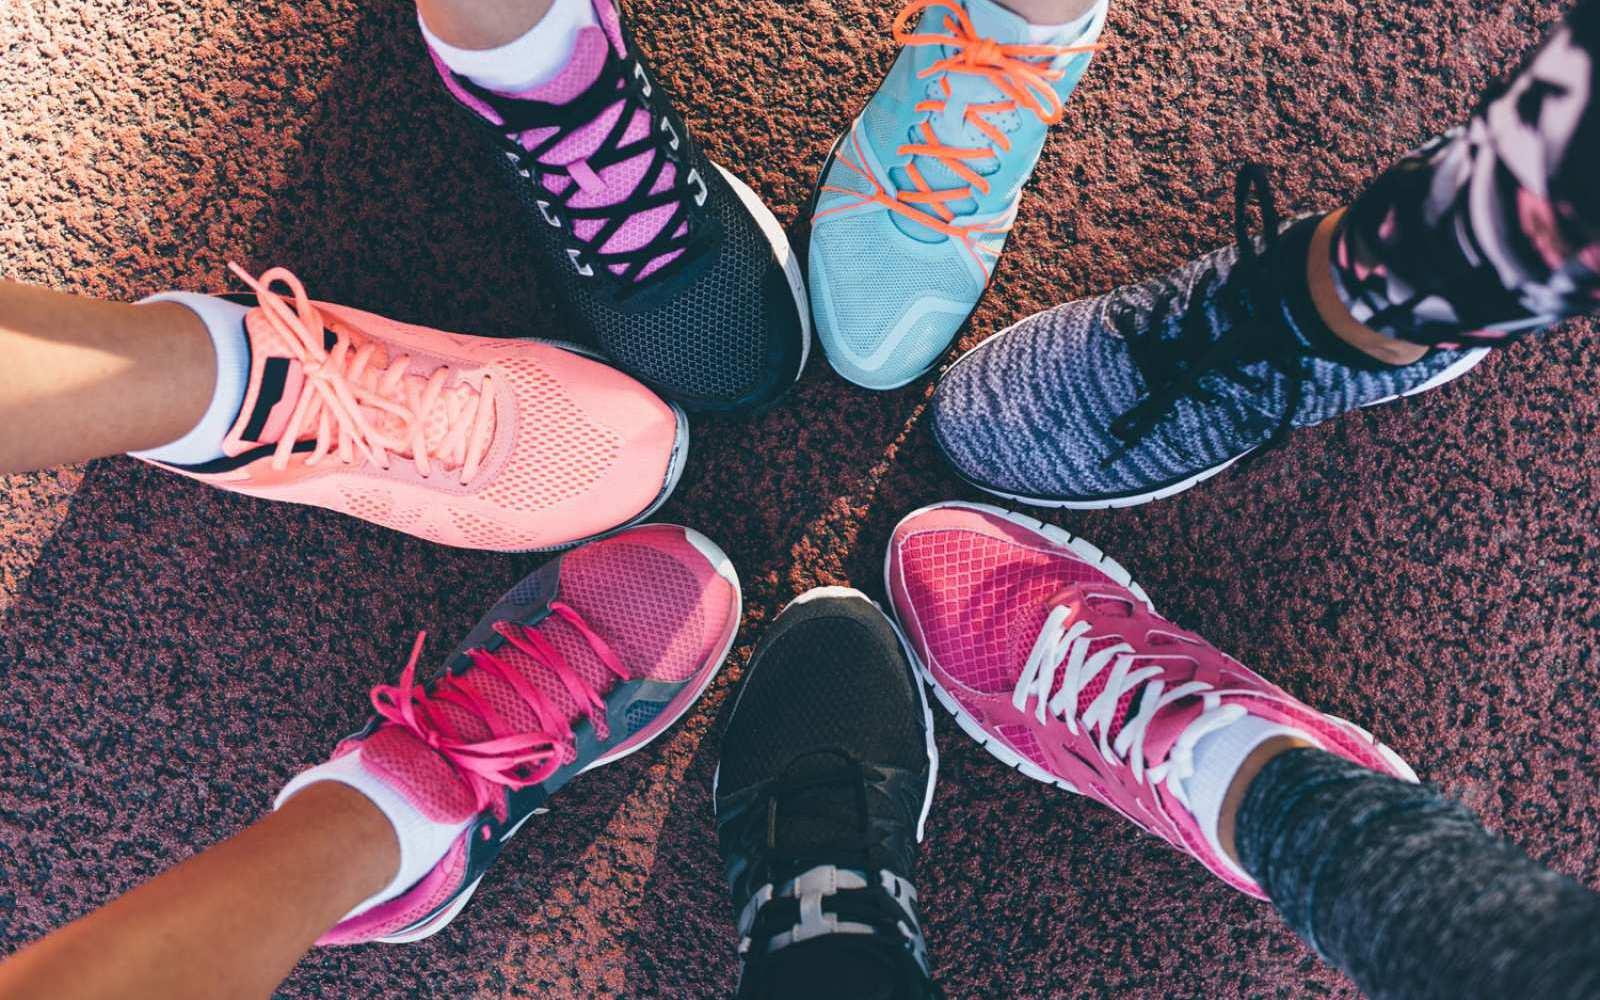 Auf die richtigen Schuhe kommt es an, dann steht dem Sport nichts mehr im Weg!